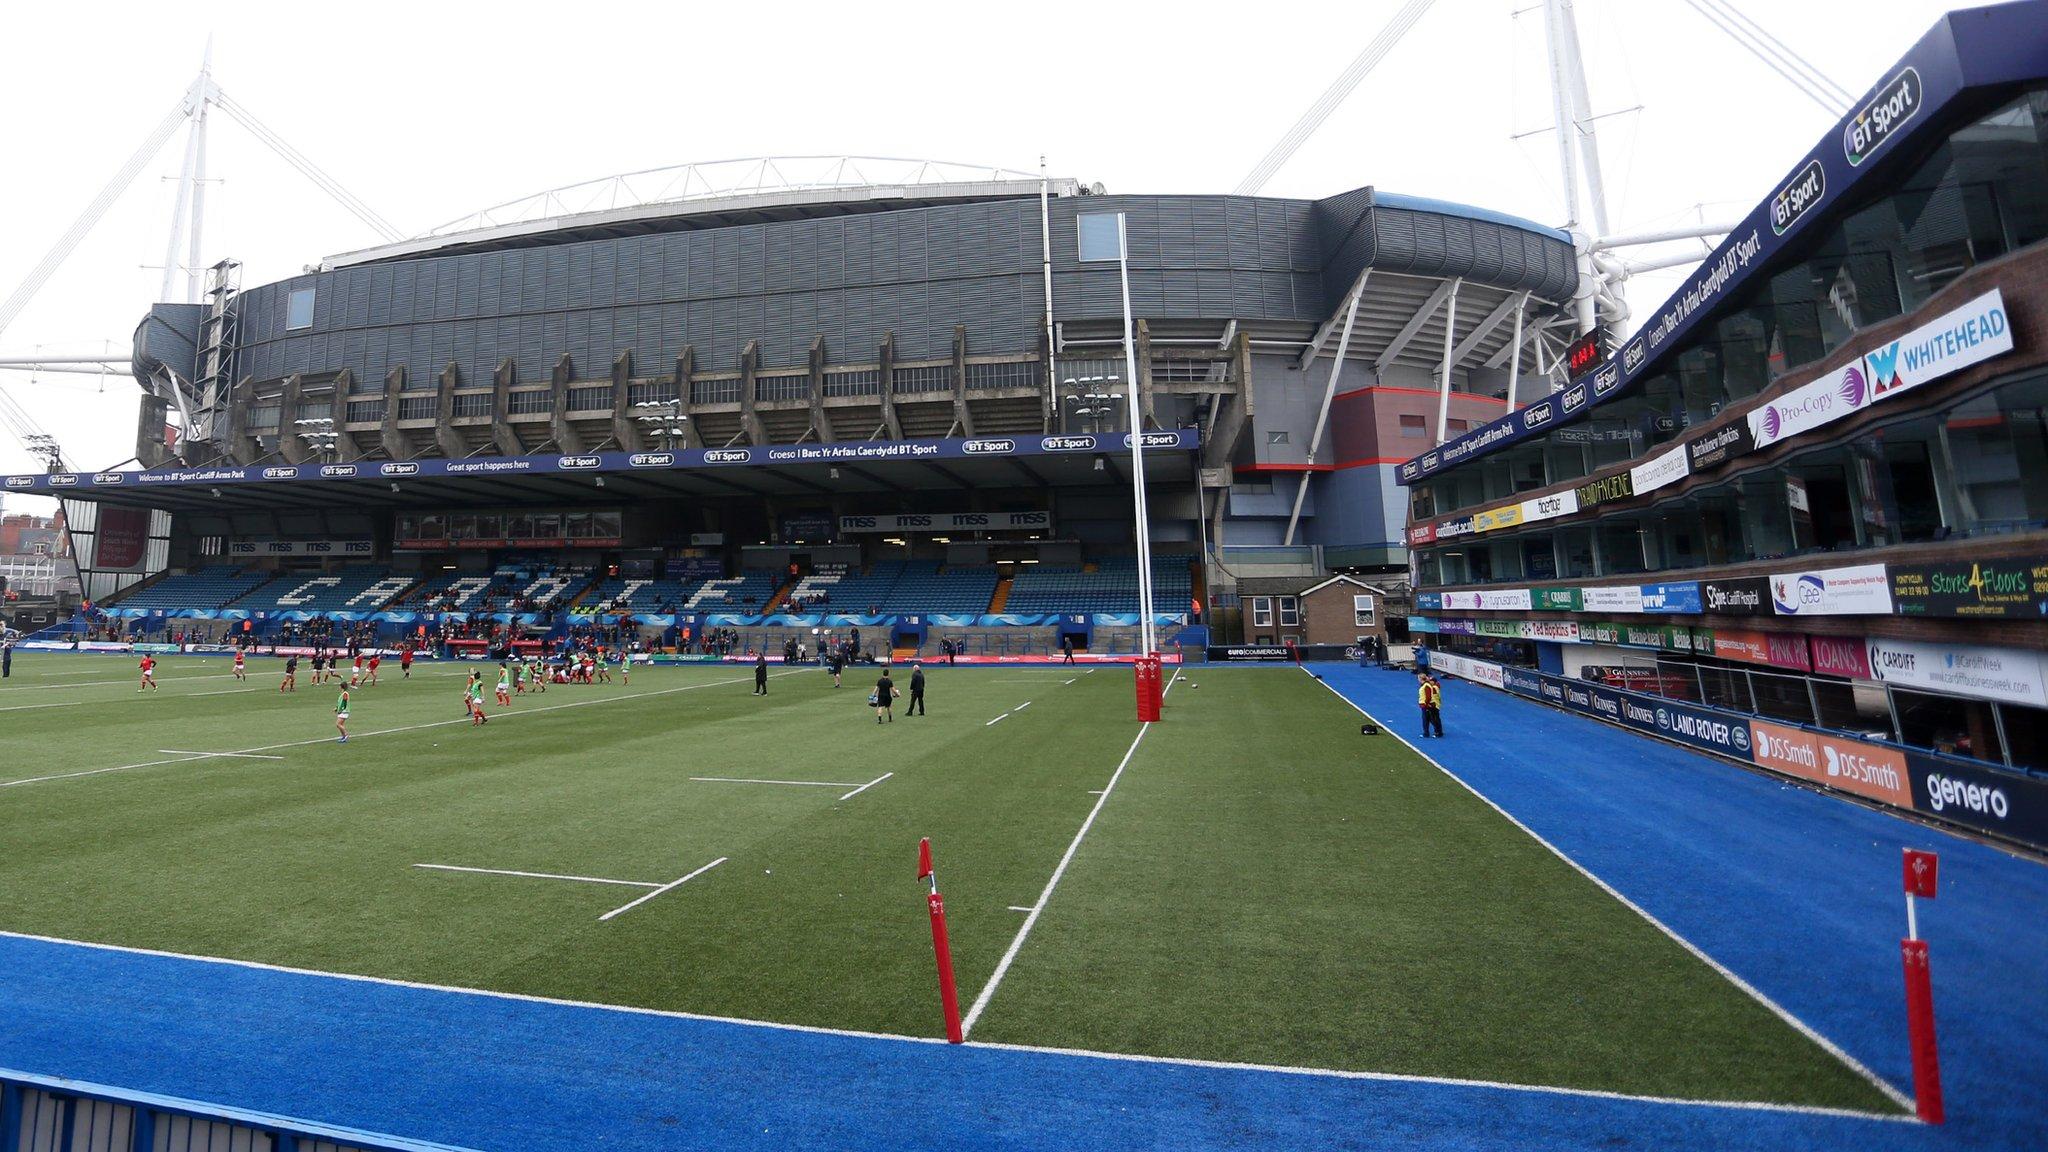 Cardiff Blues: Welsh region set to move training base